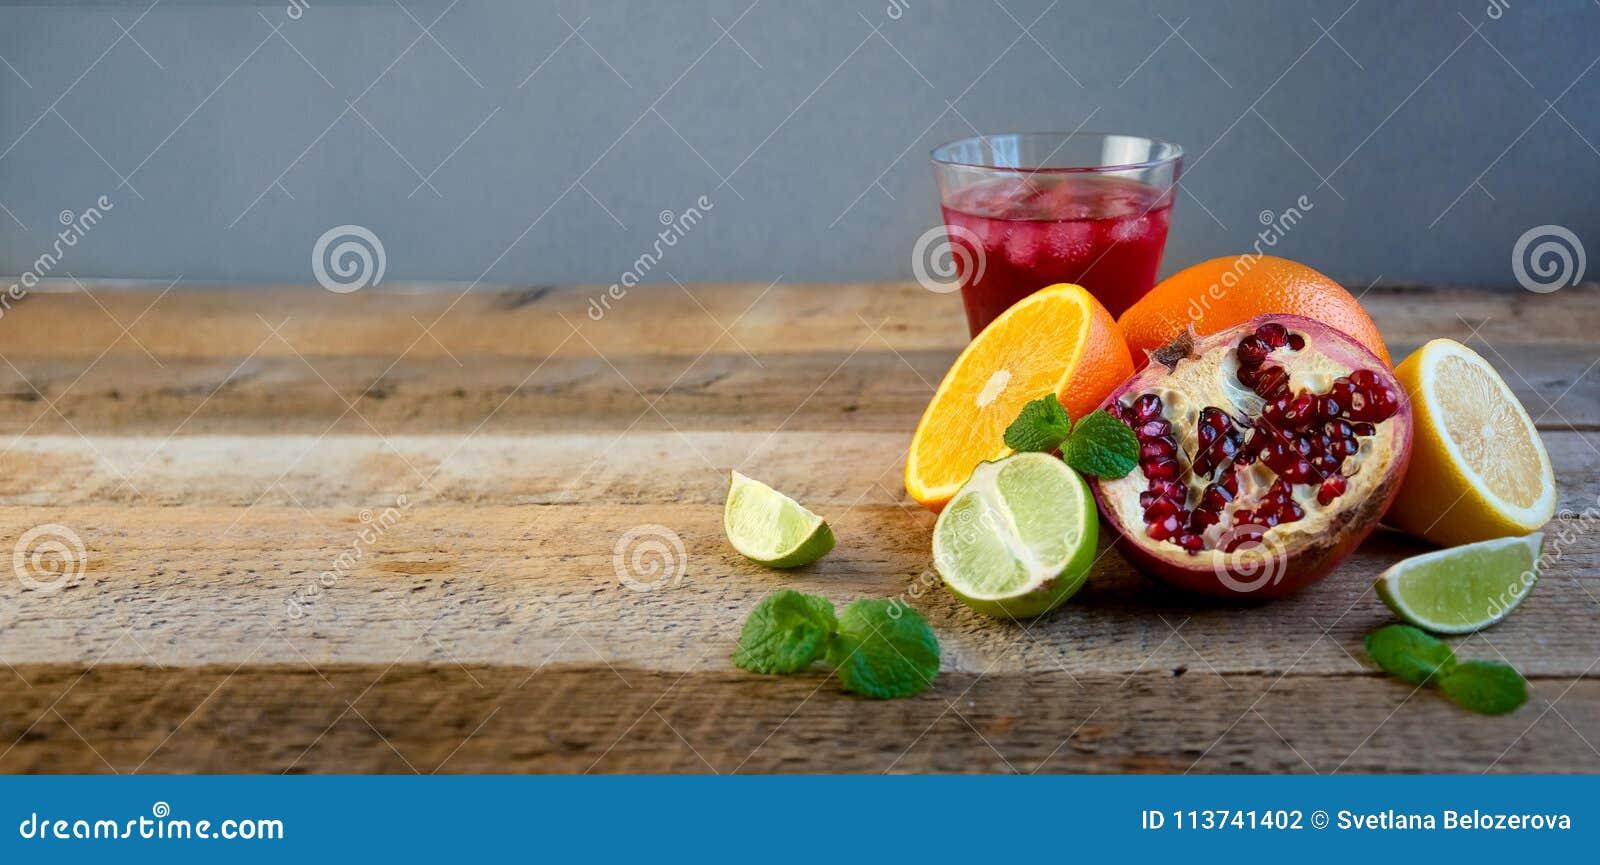 Dojrzała cytrus owoc na Starym Drewnianym stole Pomarańcze, wapno, cytryny mennica zdrowa żywność Lata tło